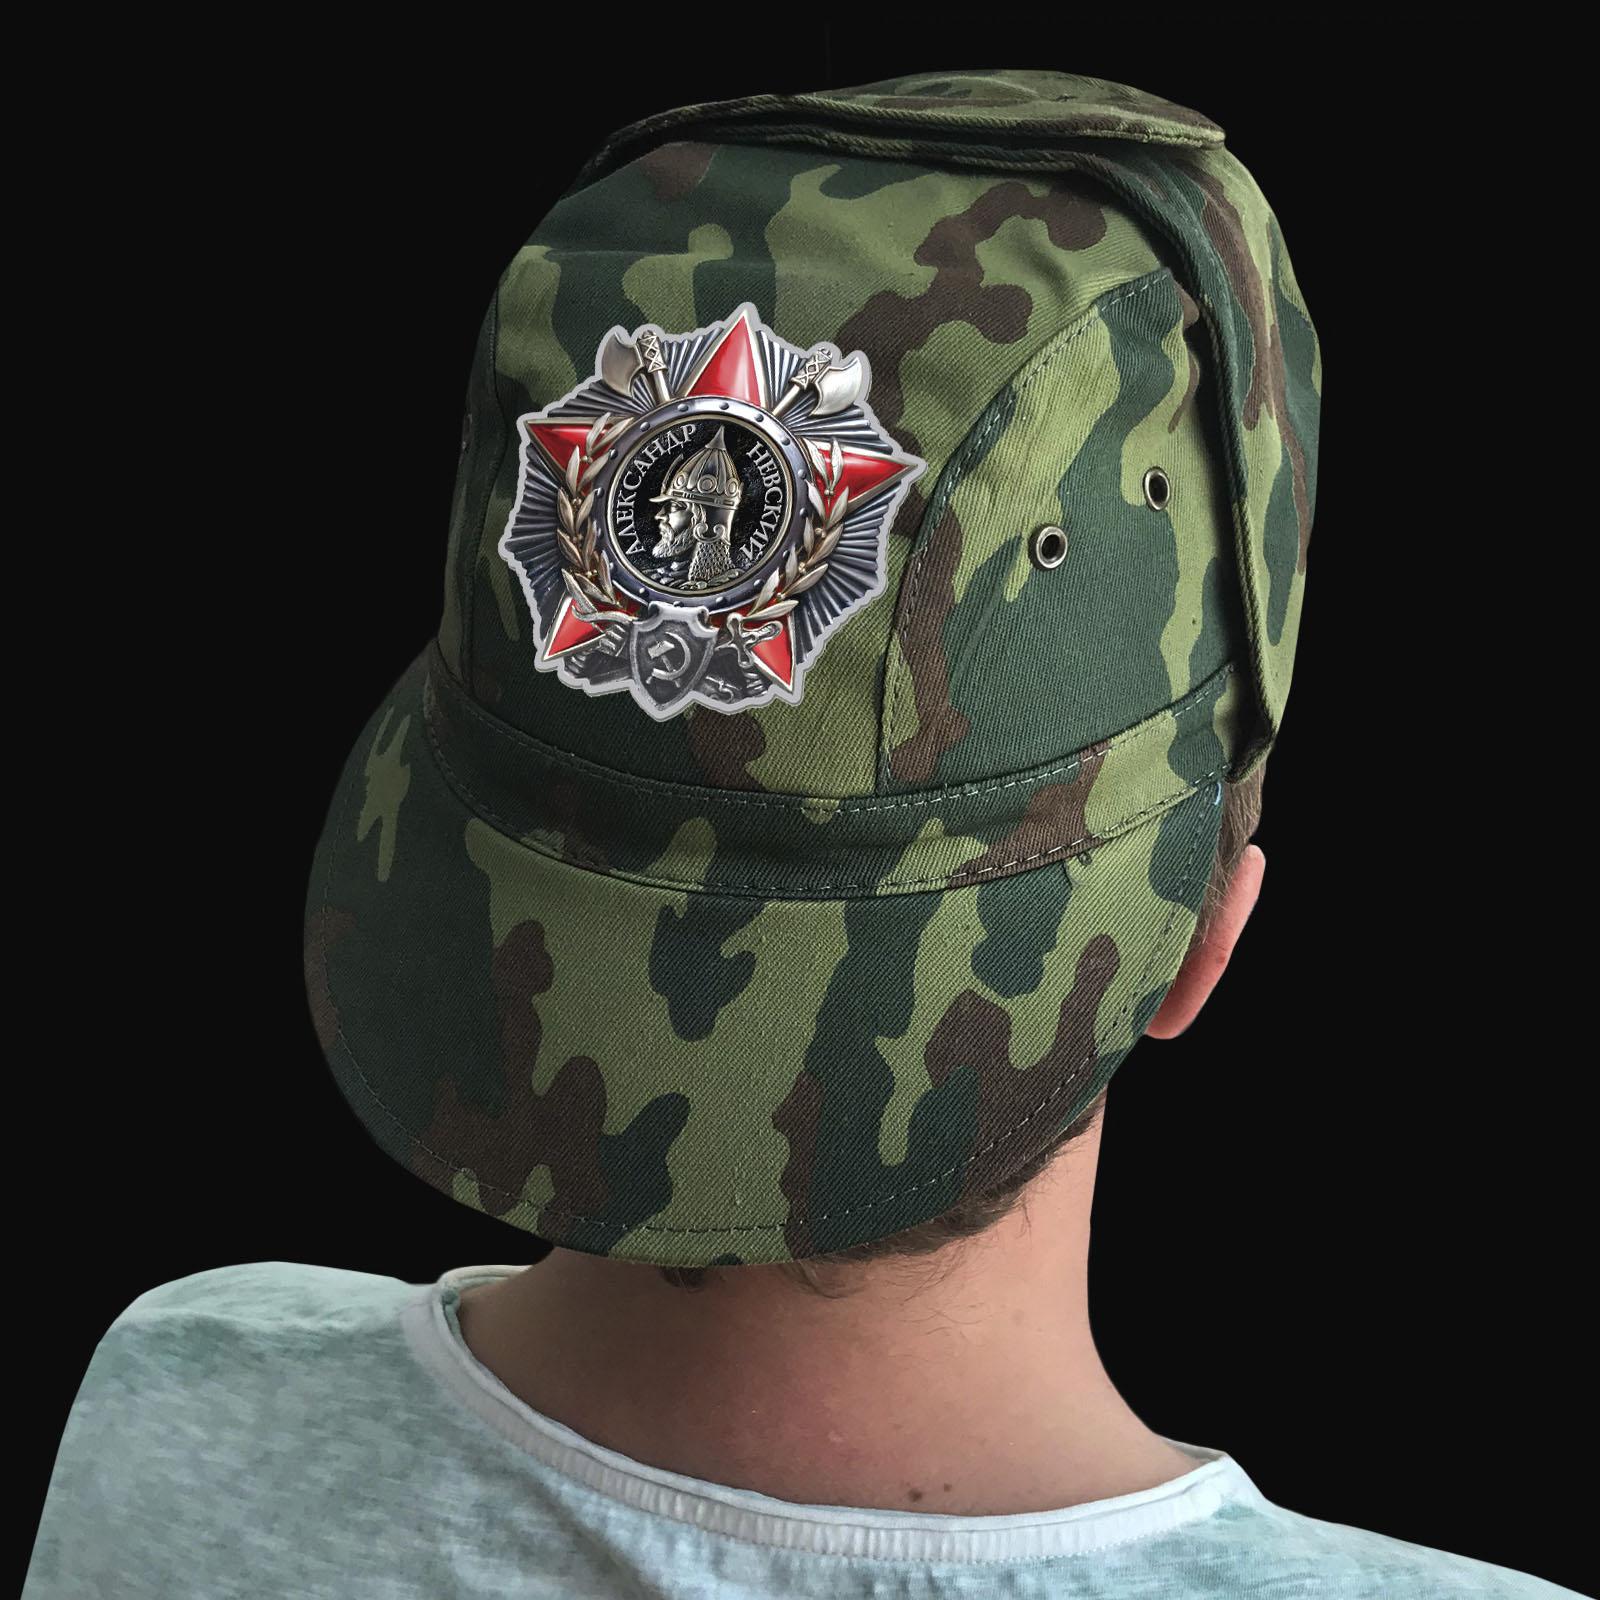 Купить камуфляжную кепку с термотрансфером Орден А. Невского по низкой цене